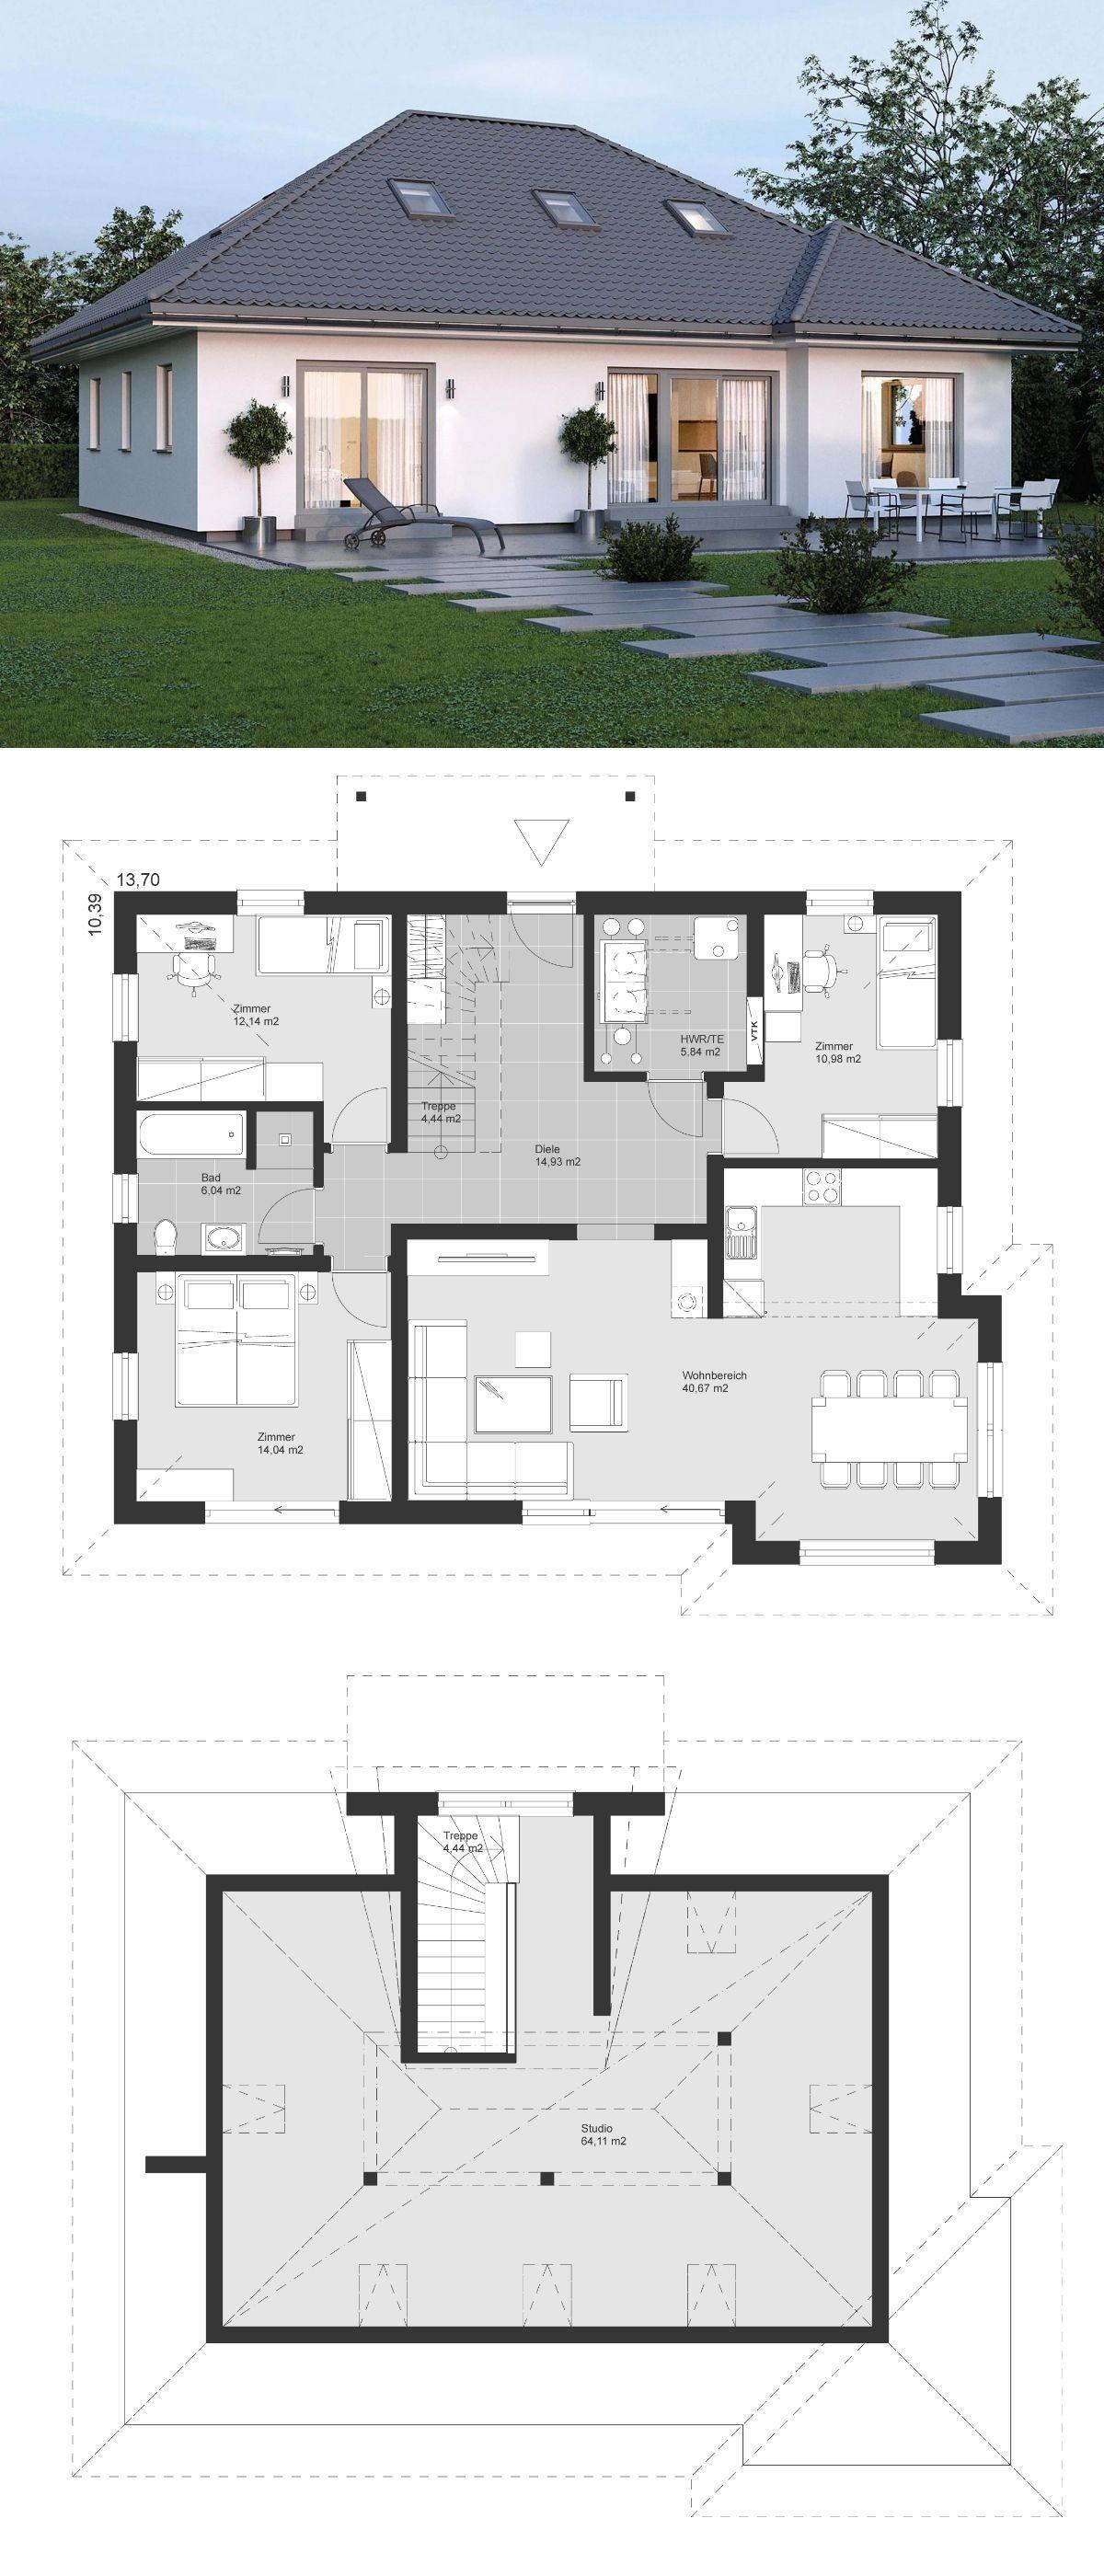 Bungalow Haus modern mit Walmdach Architektur & 5 Zimmer